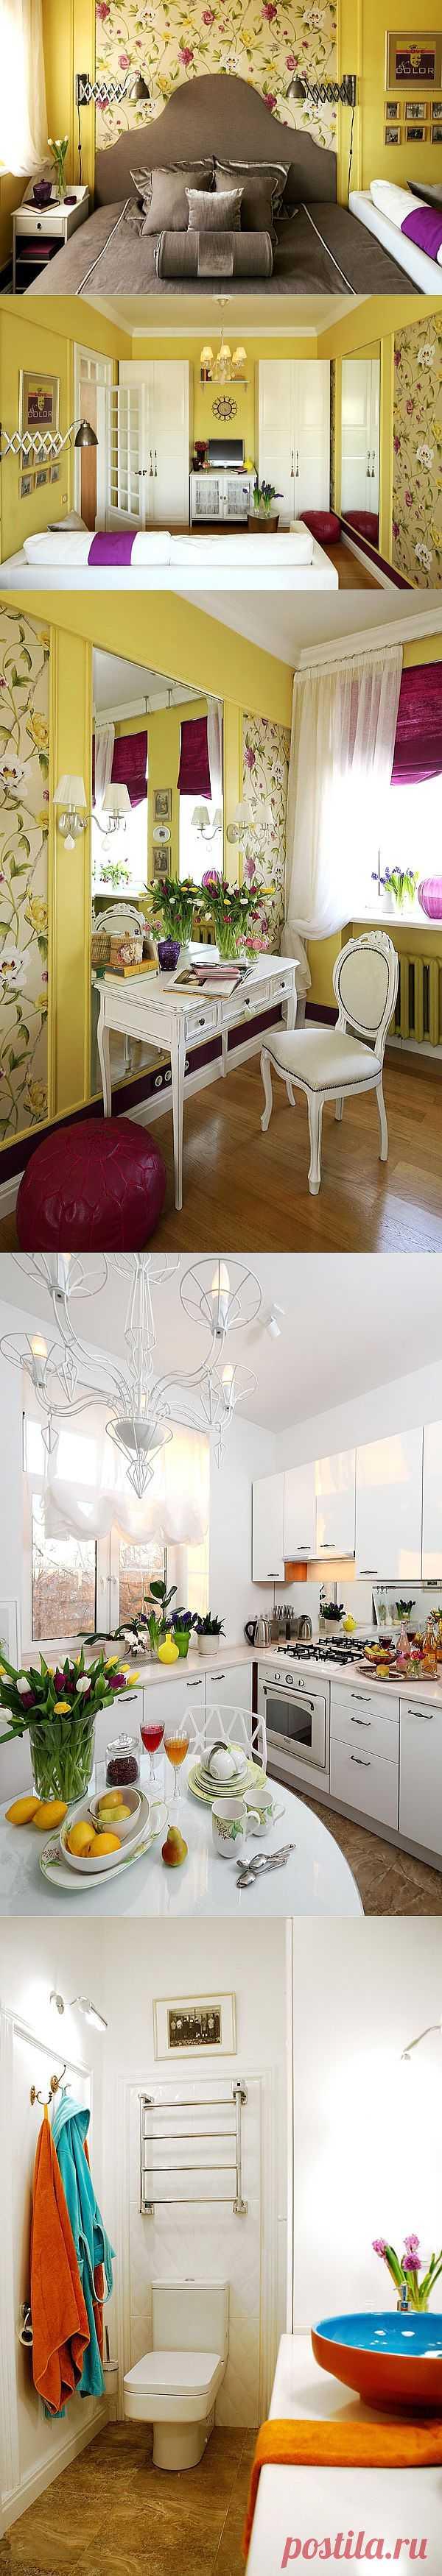 Дизайн интерьера квартиры от Галины Юрьевой | Фотографии красивых интерьеров